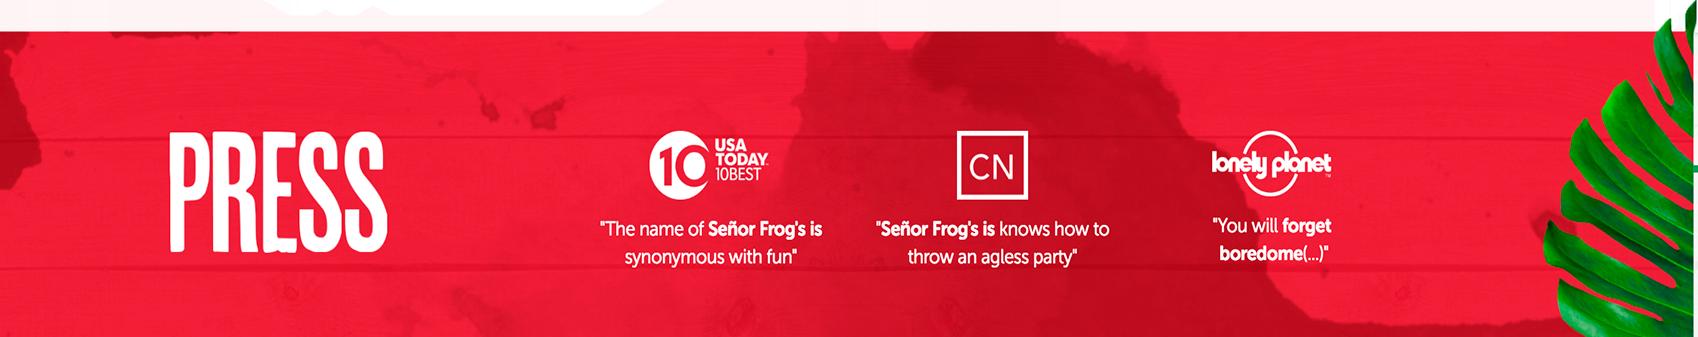 Señor Frog's | Grupo Anderson's